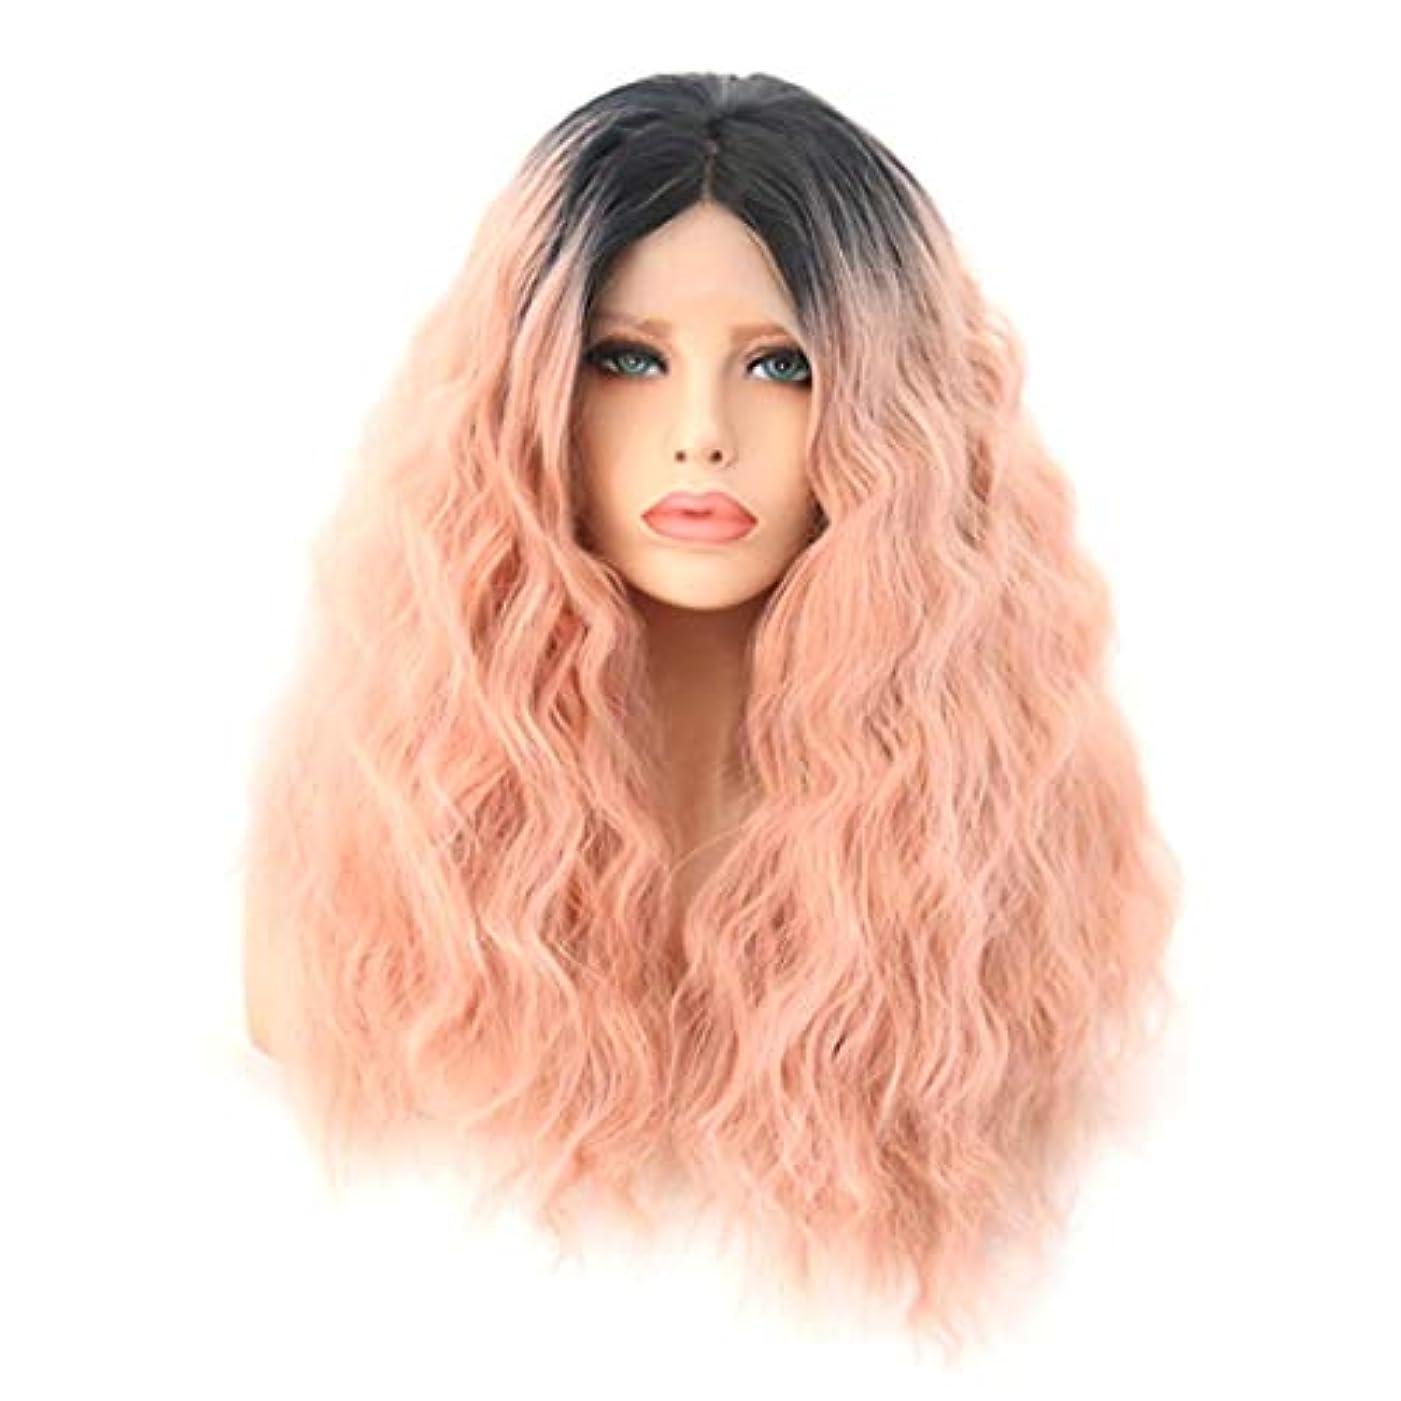 スクラッチバーマドまさにKerwinner 女性のための自然な探している前部レースの合成繊維の毛髪のかつらと長い巻き毛のかつらのかつらの代わりのかつら (Size : 18 inches)